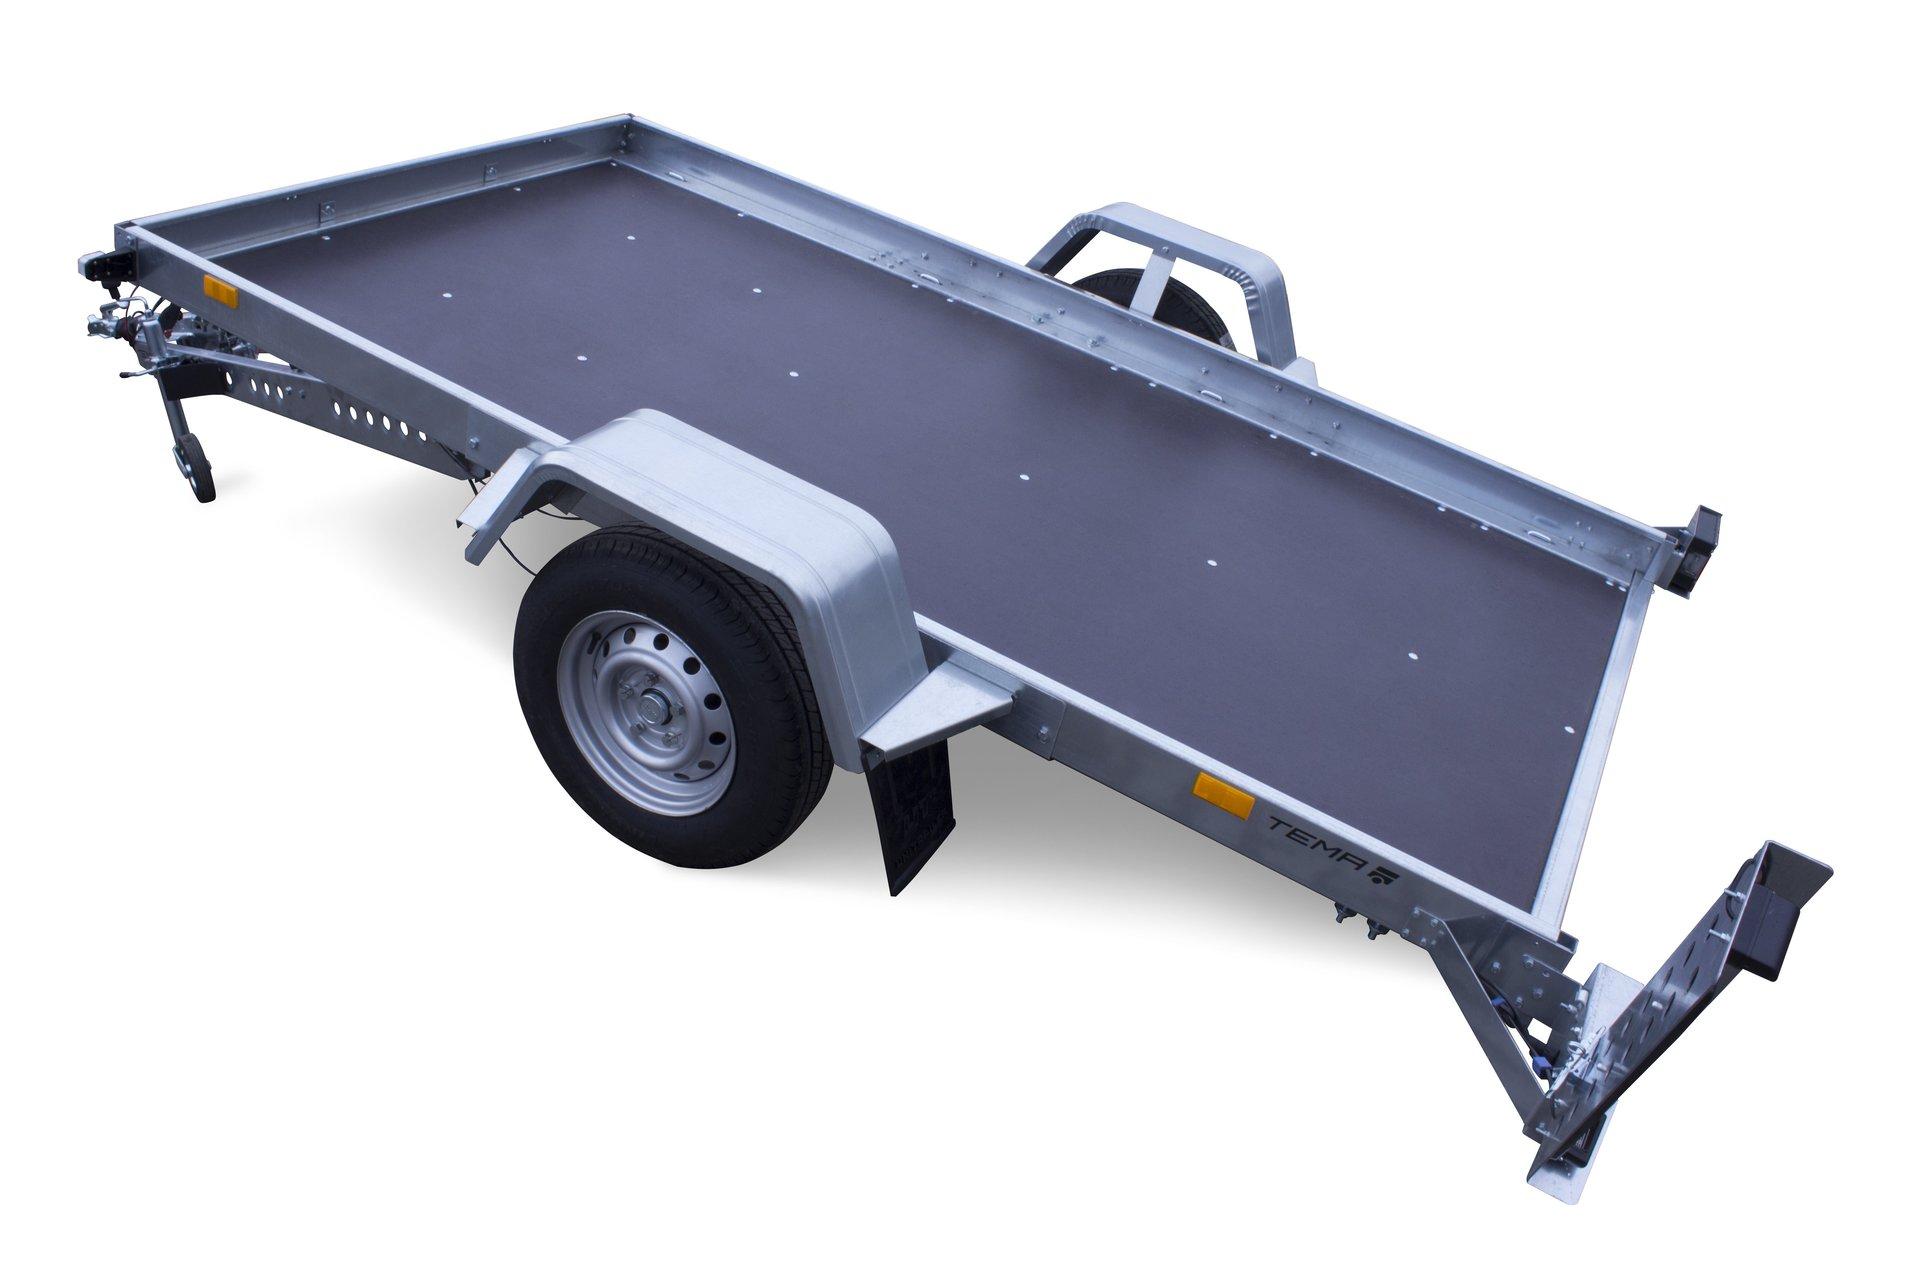 transportanh nger temared f r klein pkw quad motorrad kleintraktor. Black Bedroom Furniture Sets. Home Design Ideas